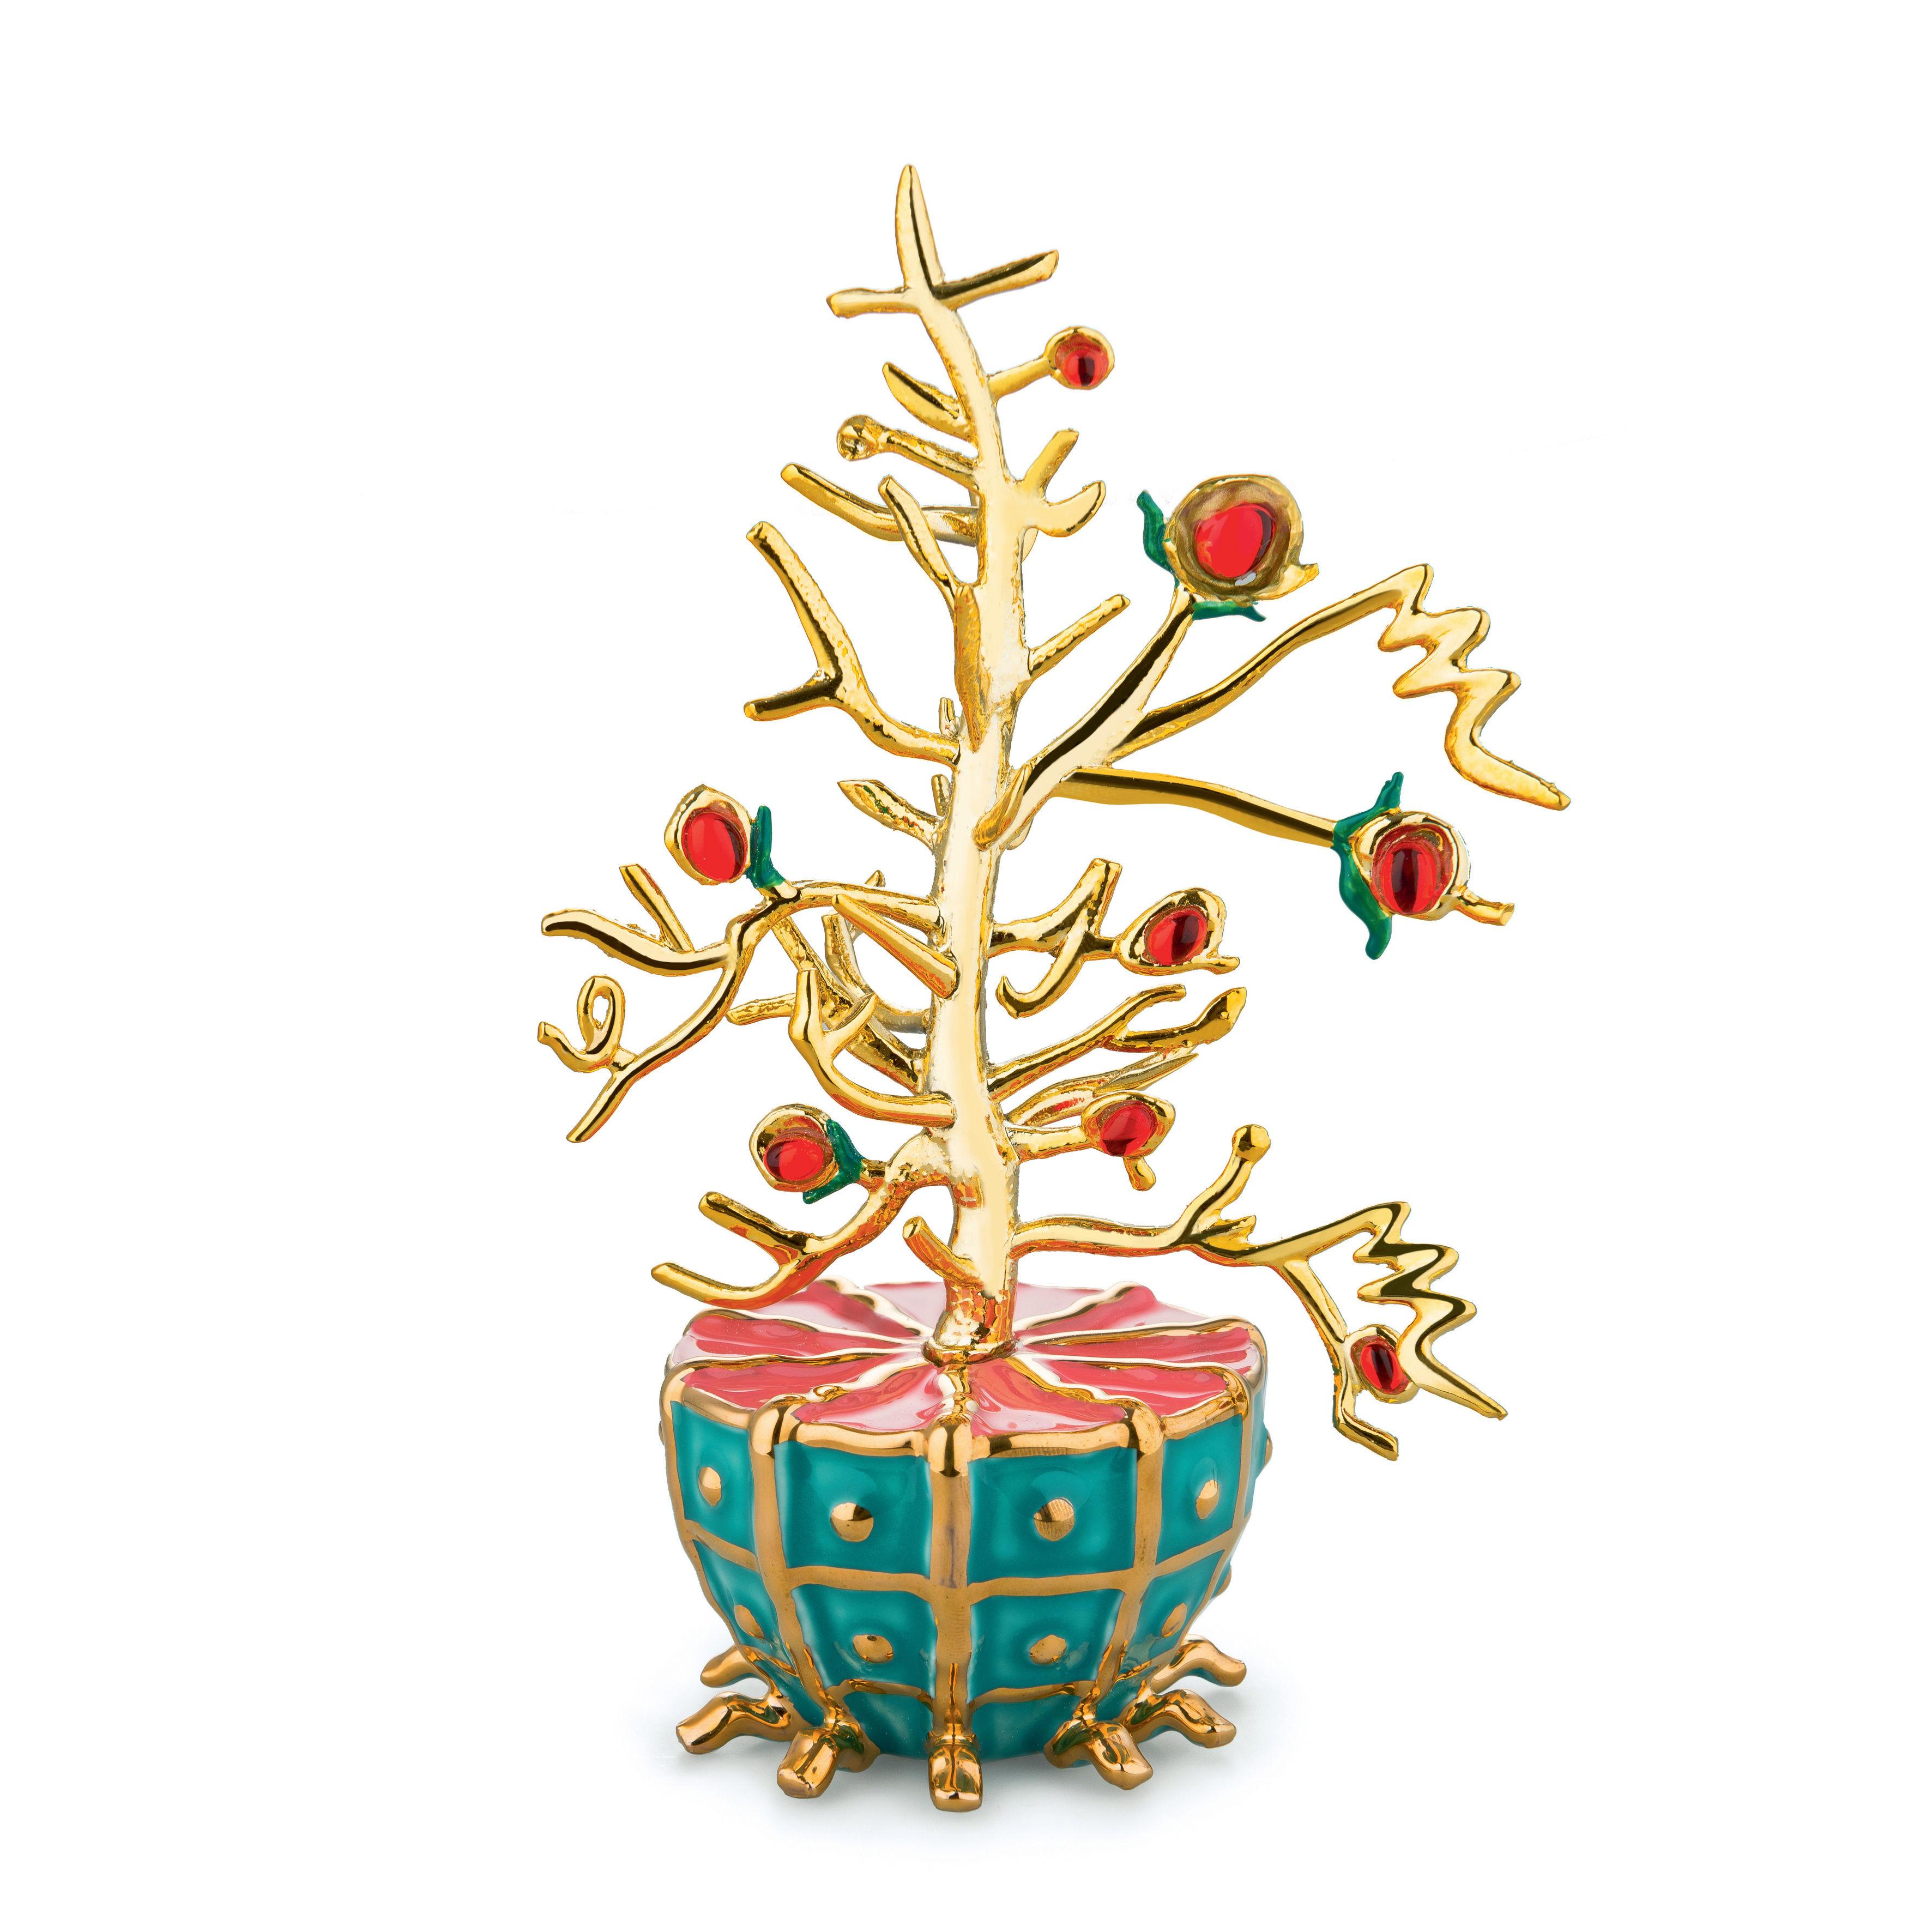 Déco - Objets déco et cadres-photos - Décoration L'Albero del Bene / Porcelaine peinte main - Alessi - Or - Porcelaine